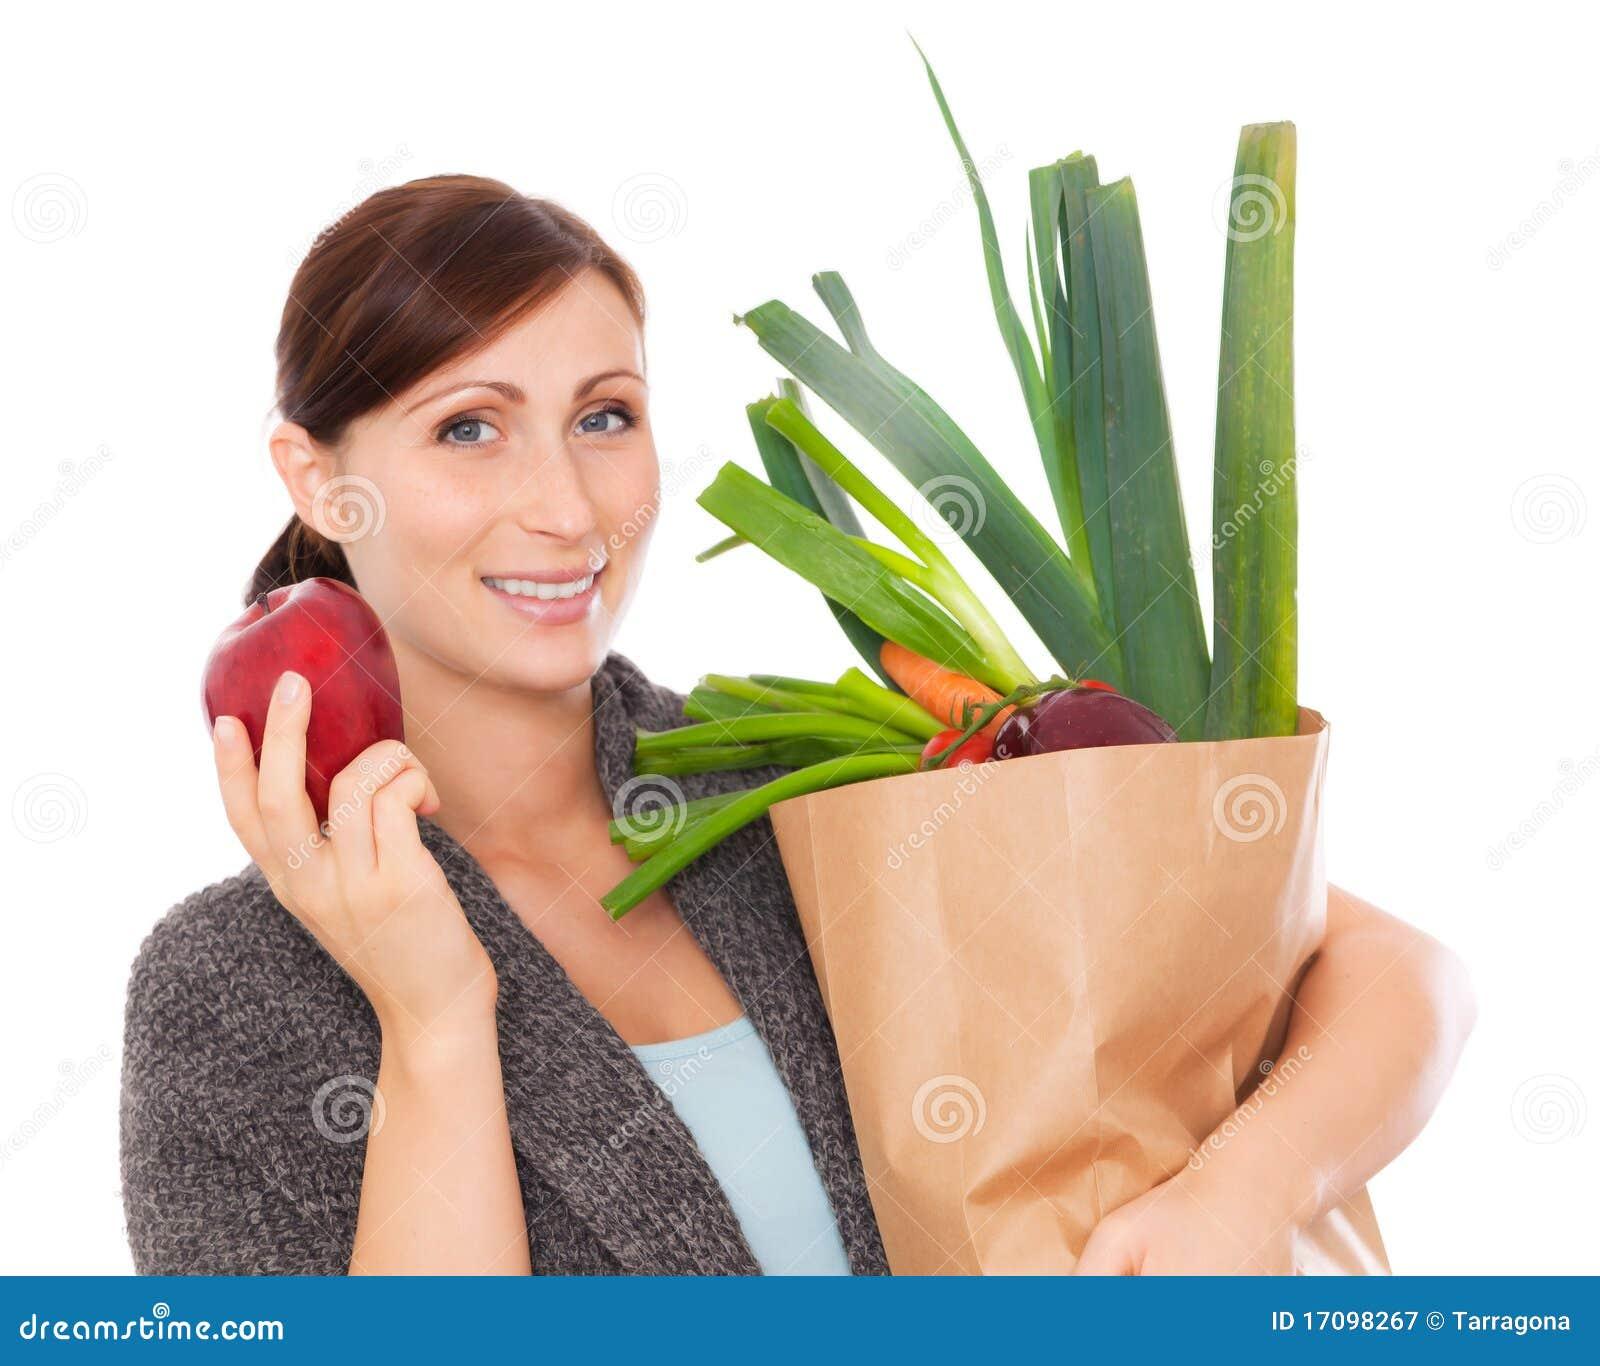 Gesunde Lebensmittelgeschäfte